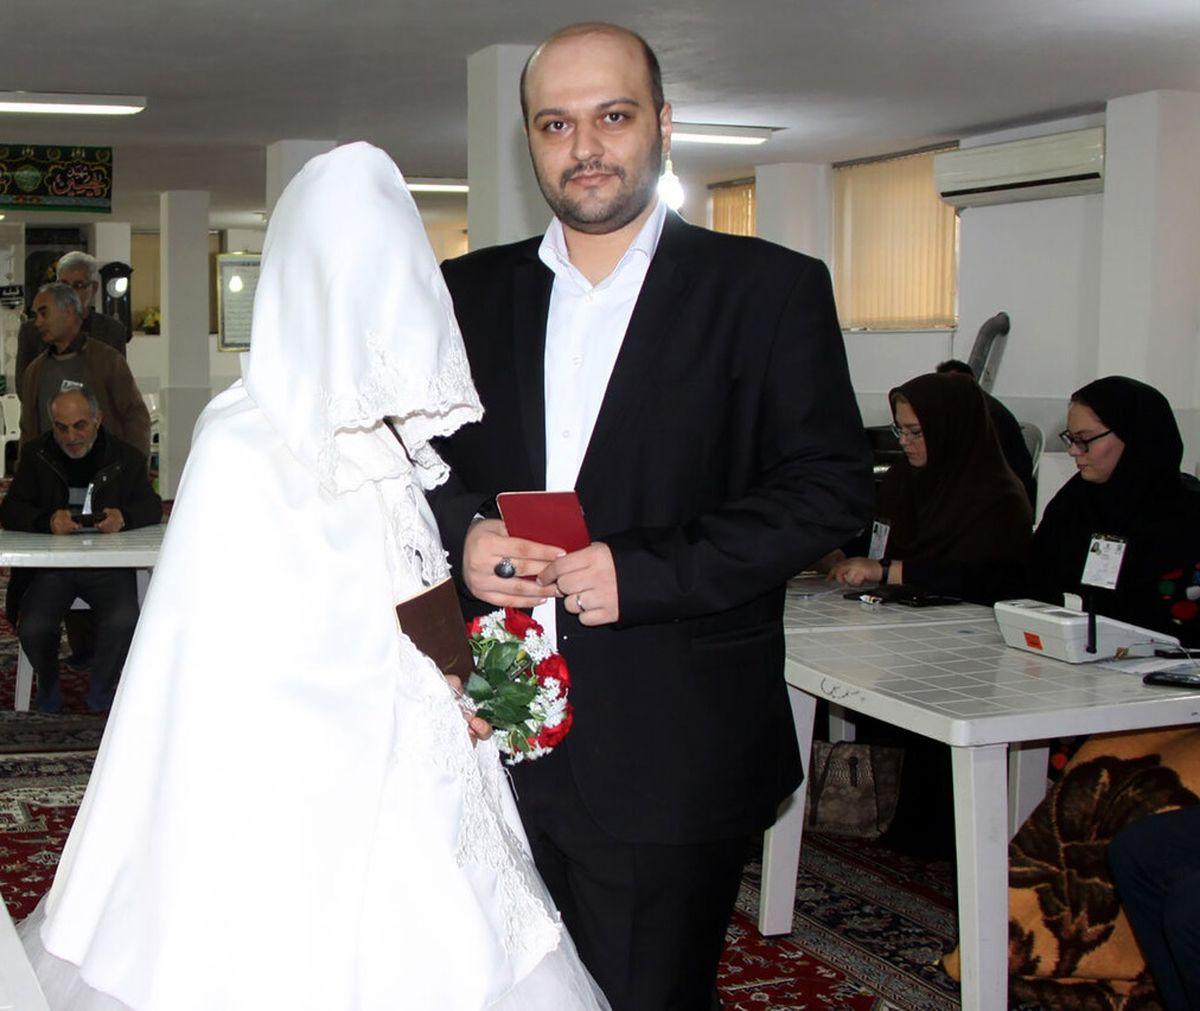 ثبتنام خانوادگی عروس و داماد برای ریاست جمهوری + عکس